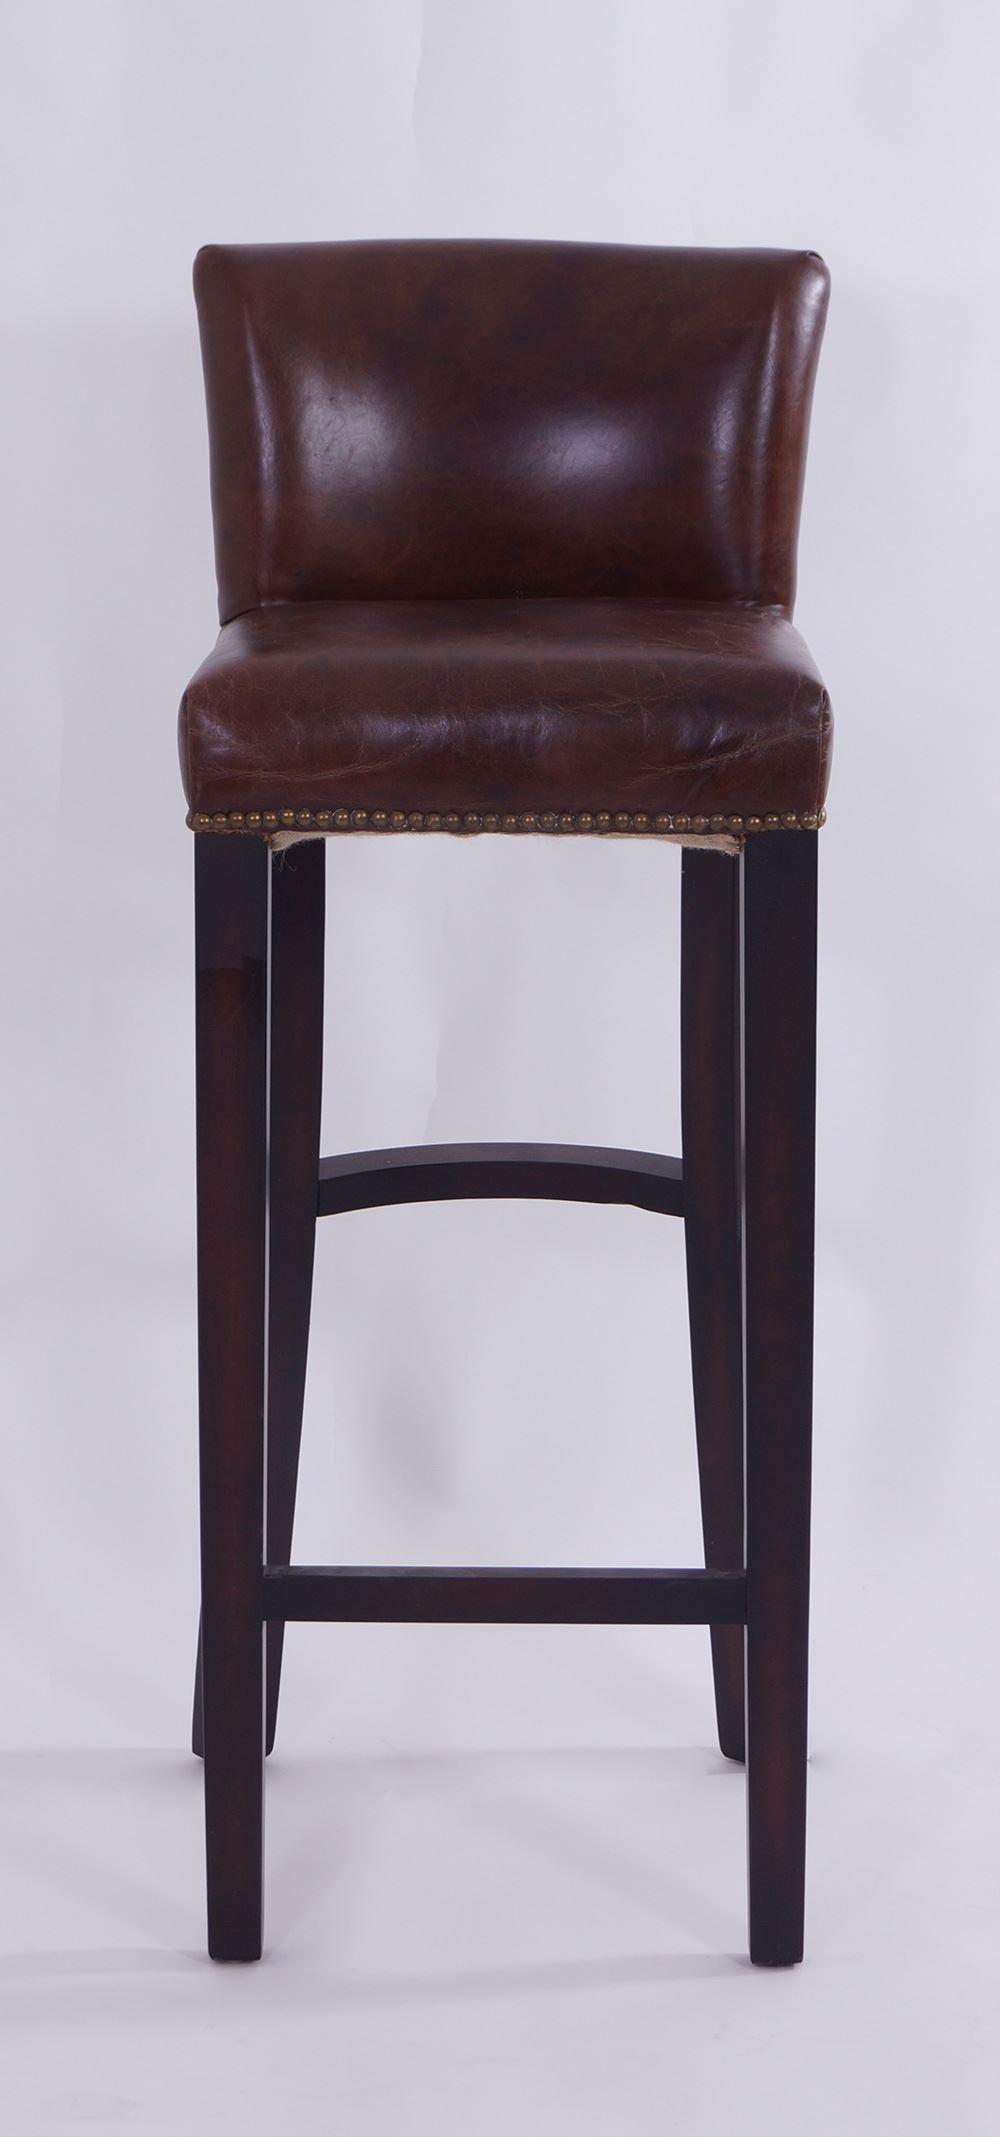 Barhocker Smith Aus Vintage Leder Und Pinienvollholz By Vintage Line Vintage Ledermobel Retro Mobel Vintage Line